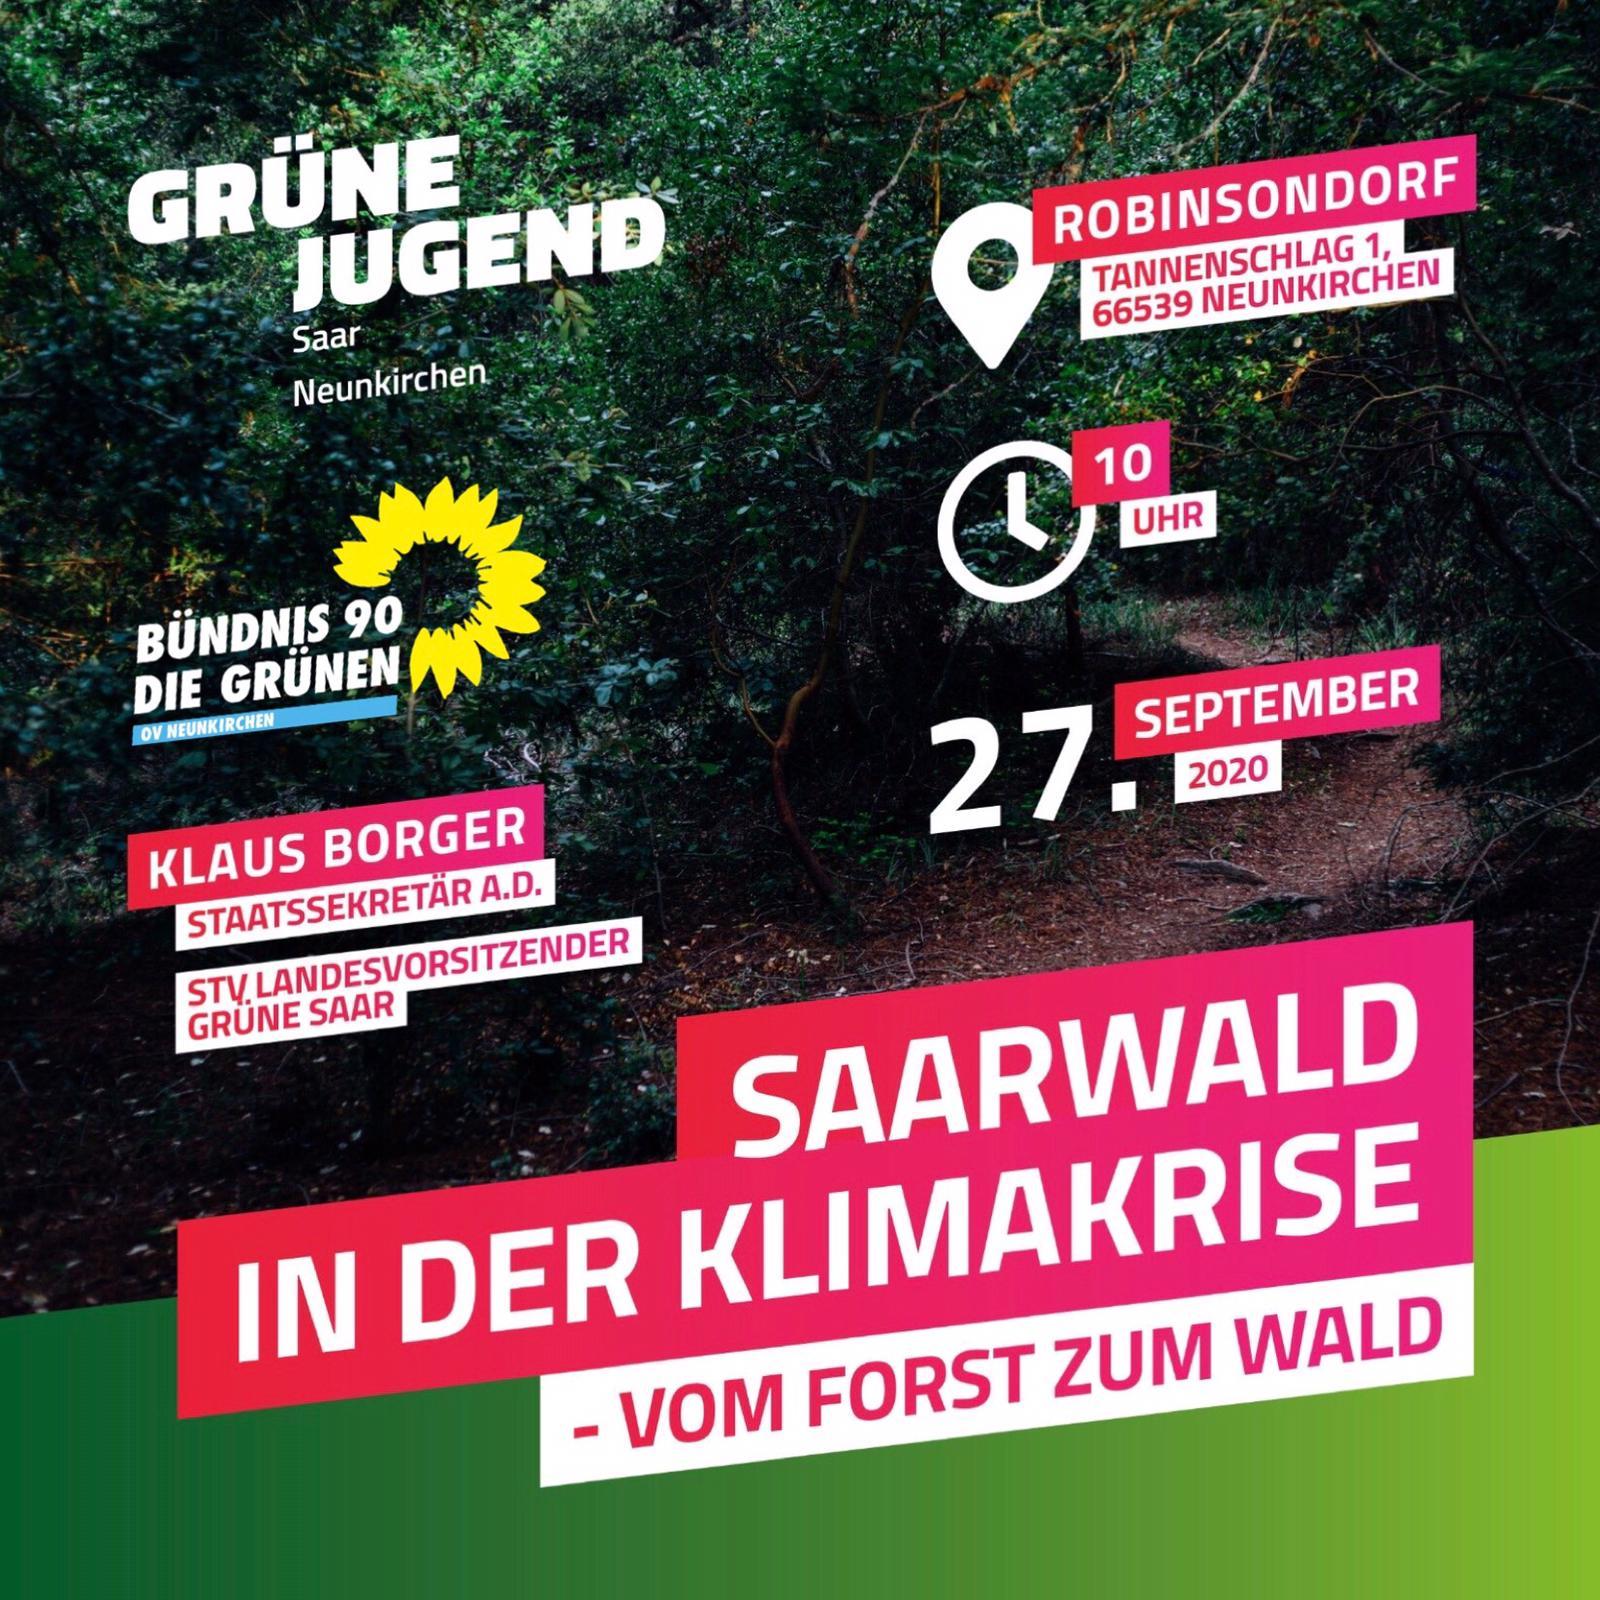 Vortrag: Saarwald in der Klimakrise – vom Forst zum Wald